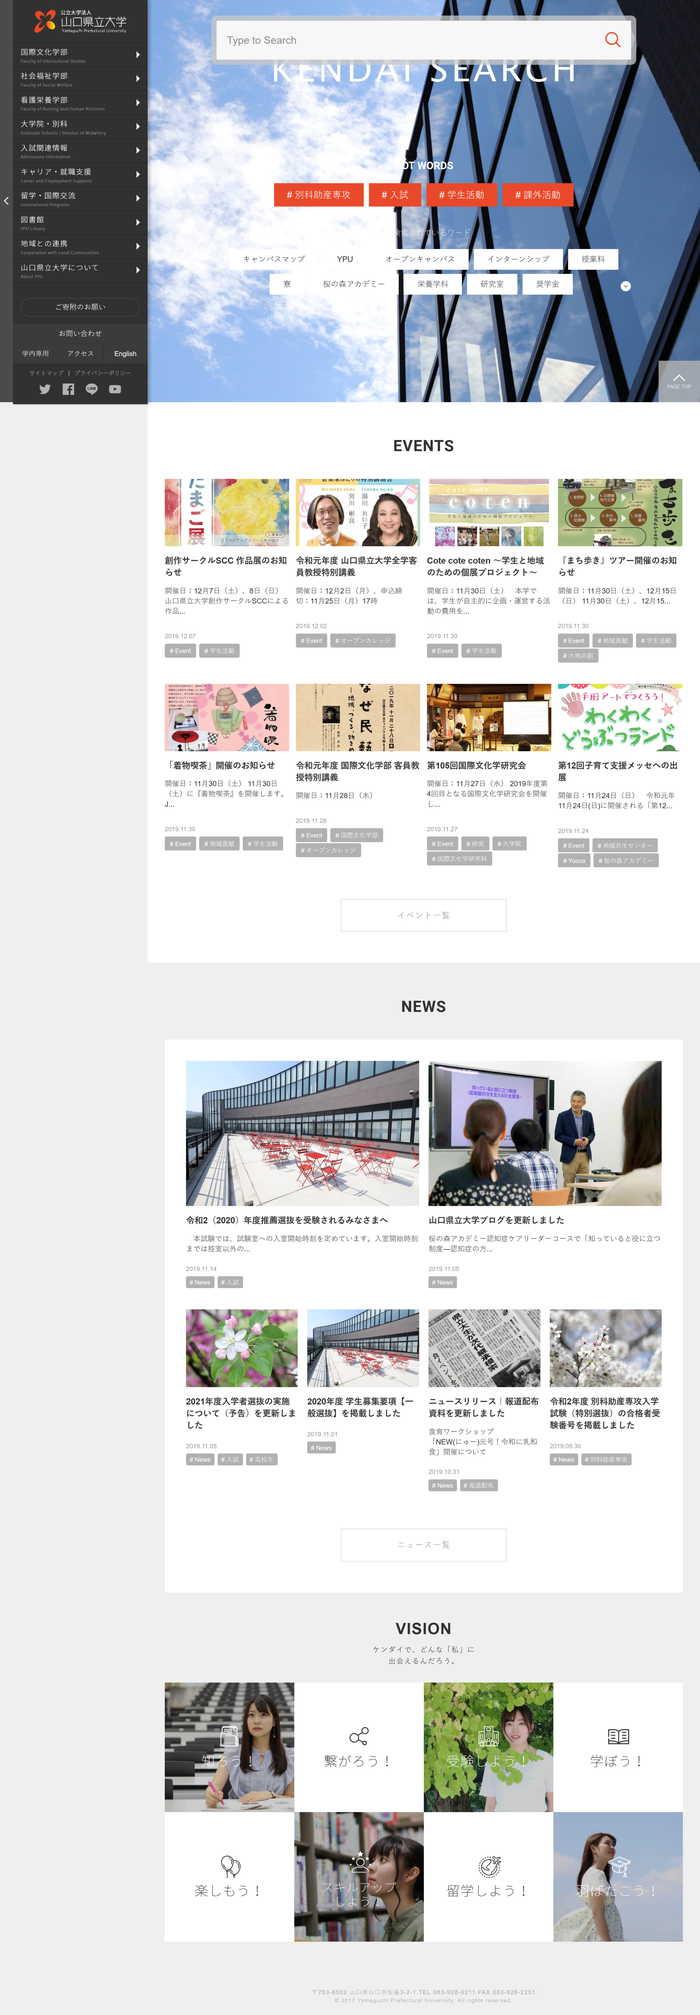 公立大学法人 山口県立大学|Yamaguchi Prefectural University